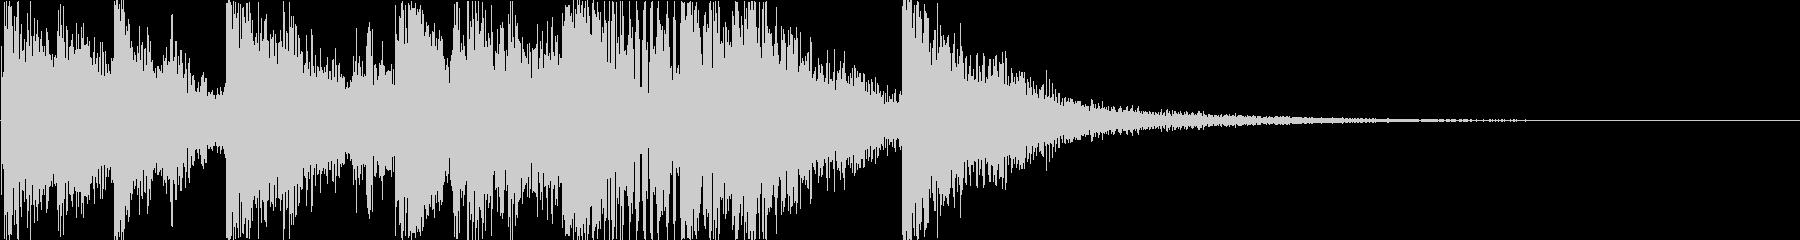 マリンバを使用したコミカルなジングルの未再生の波形